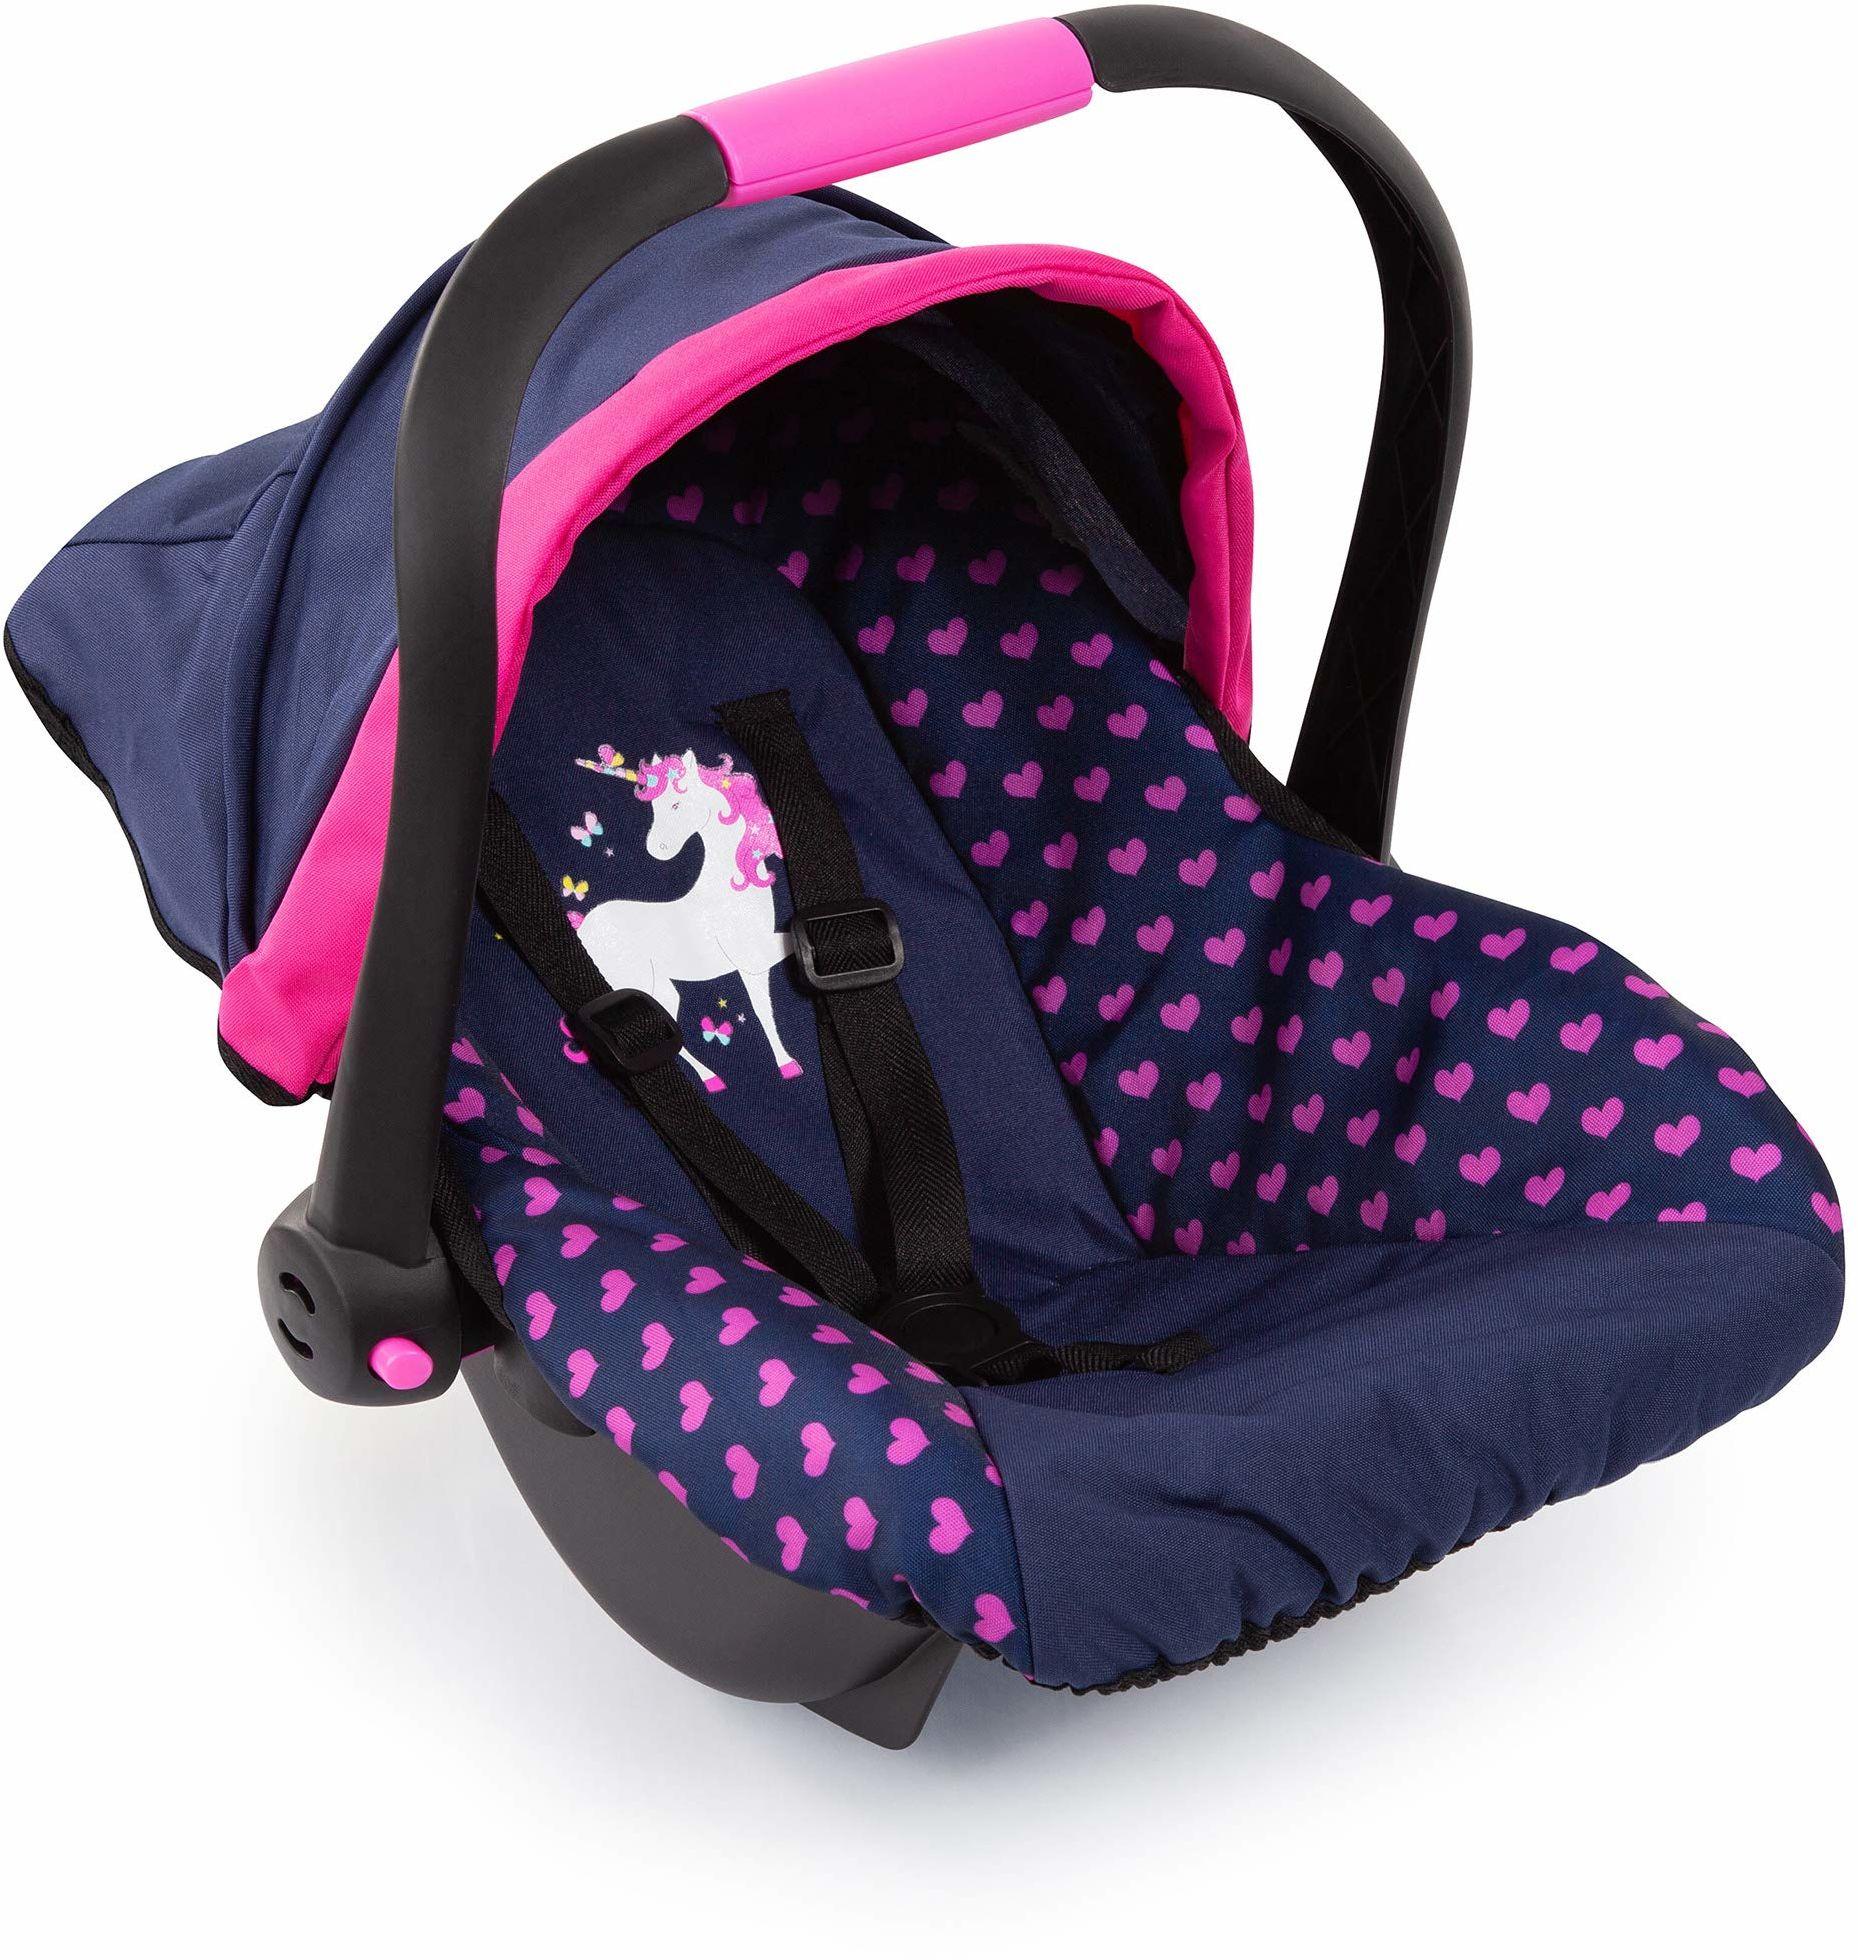 Bayer Design 67954AA fotelik samochodowy dla lalek EasyGo, akcesoria dla lalek, pasuje do wózków dla lalek Vario, z osłoną, niebieski z wzorem serca i motywem jednorożca